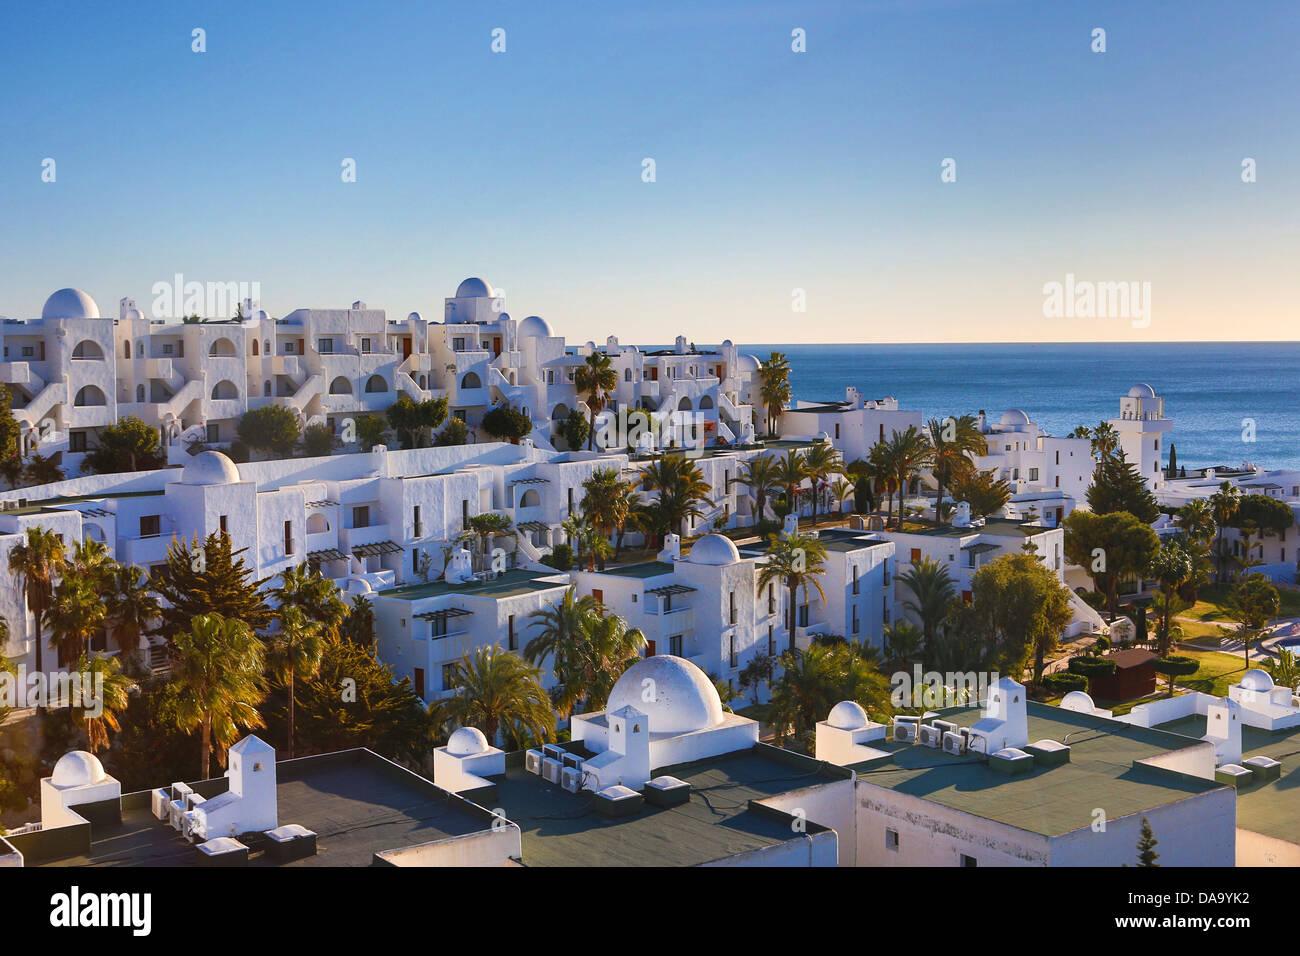 Spagna, Europa, Andalusia, spiaggia, costa, edifici, Mediterraneo, nuovo, palm, mare, turistica, alberi, bianco Immagini Stock